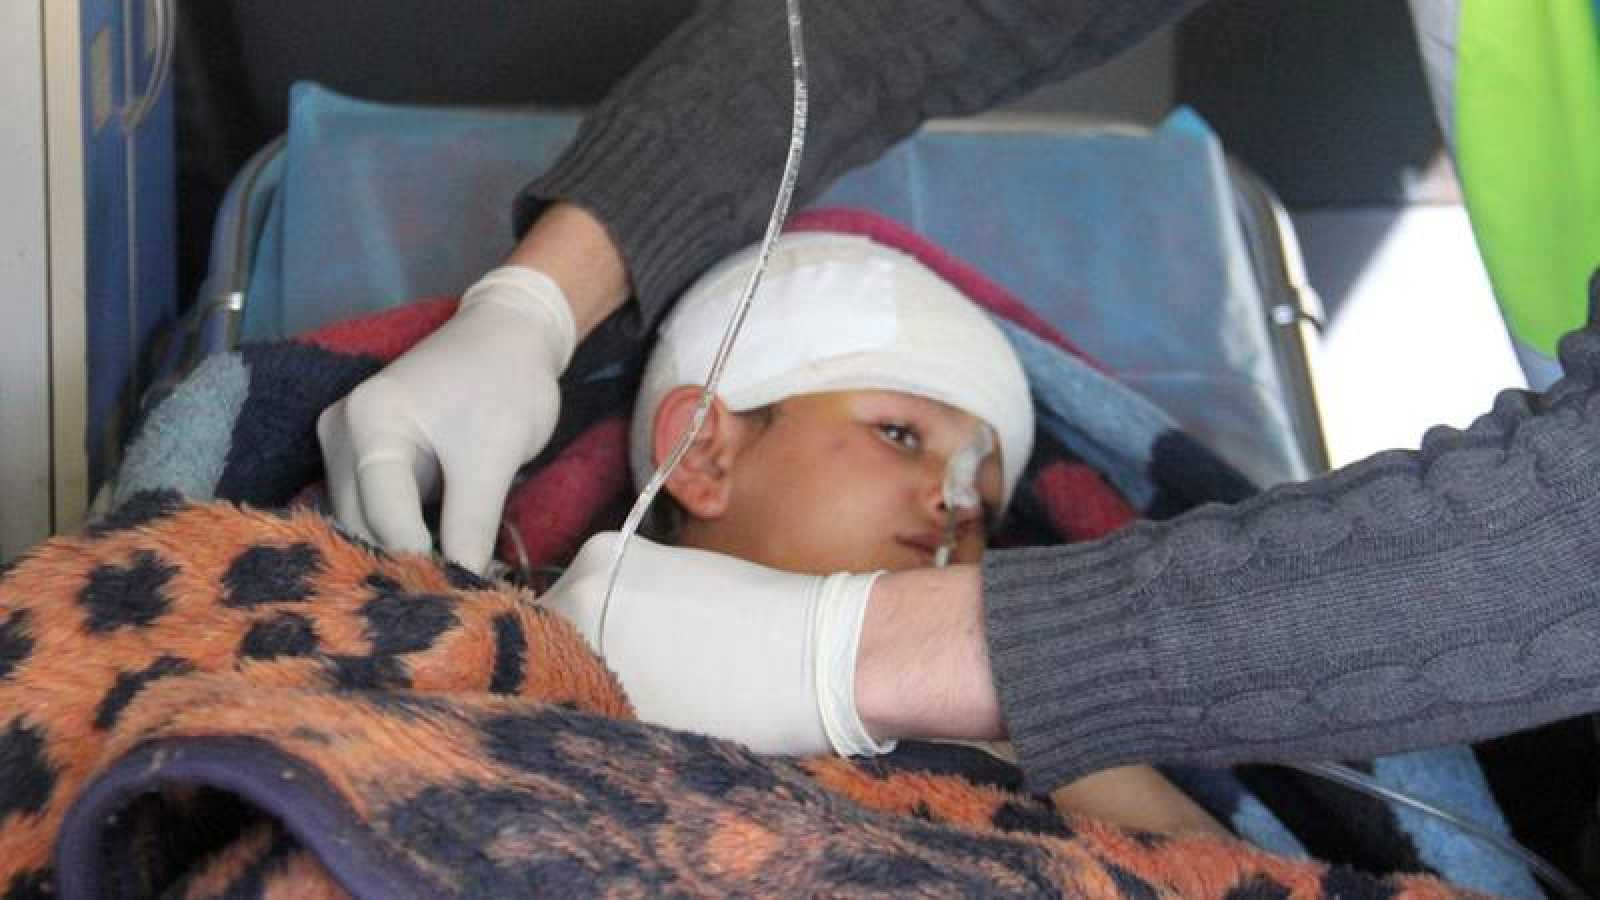 El niño sirio Abdel Basset Al-Satuf es evacuado en una ambulancia tras perder las piernas en un bombardeo en Idlib, Siria